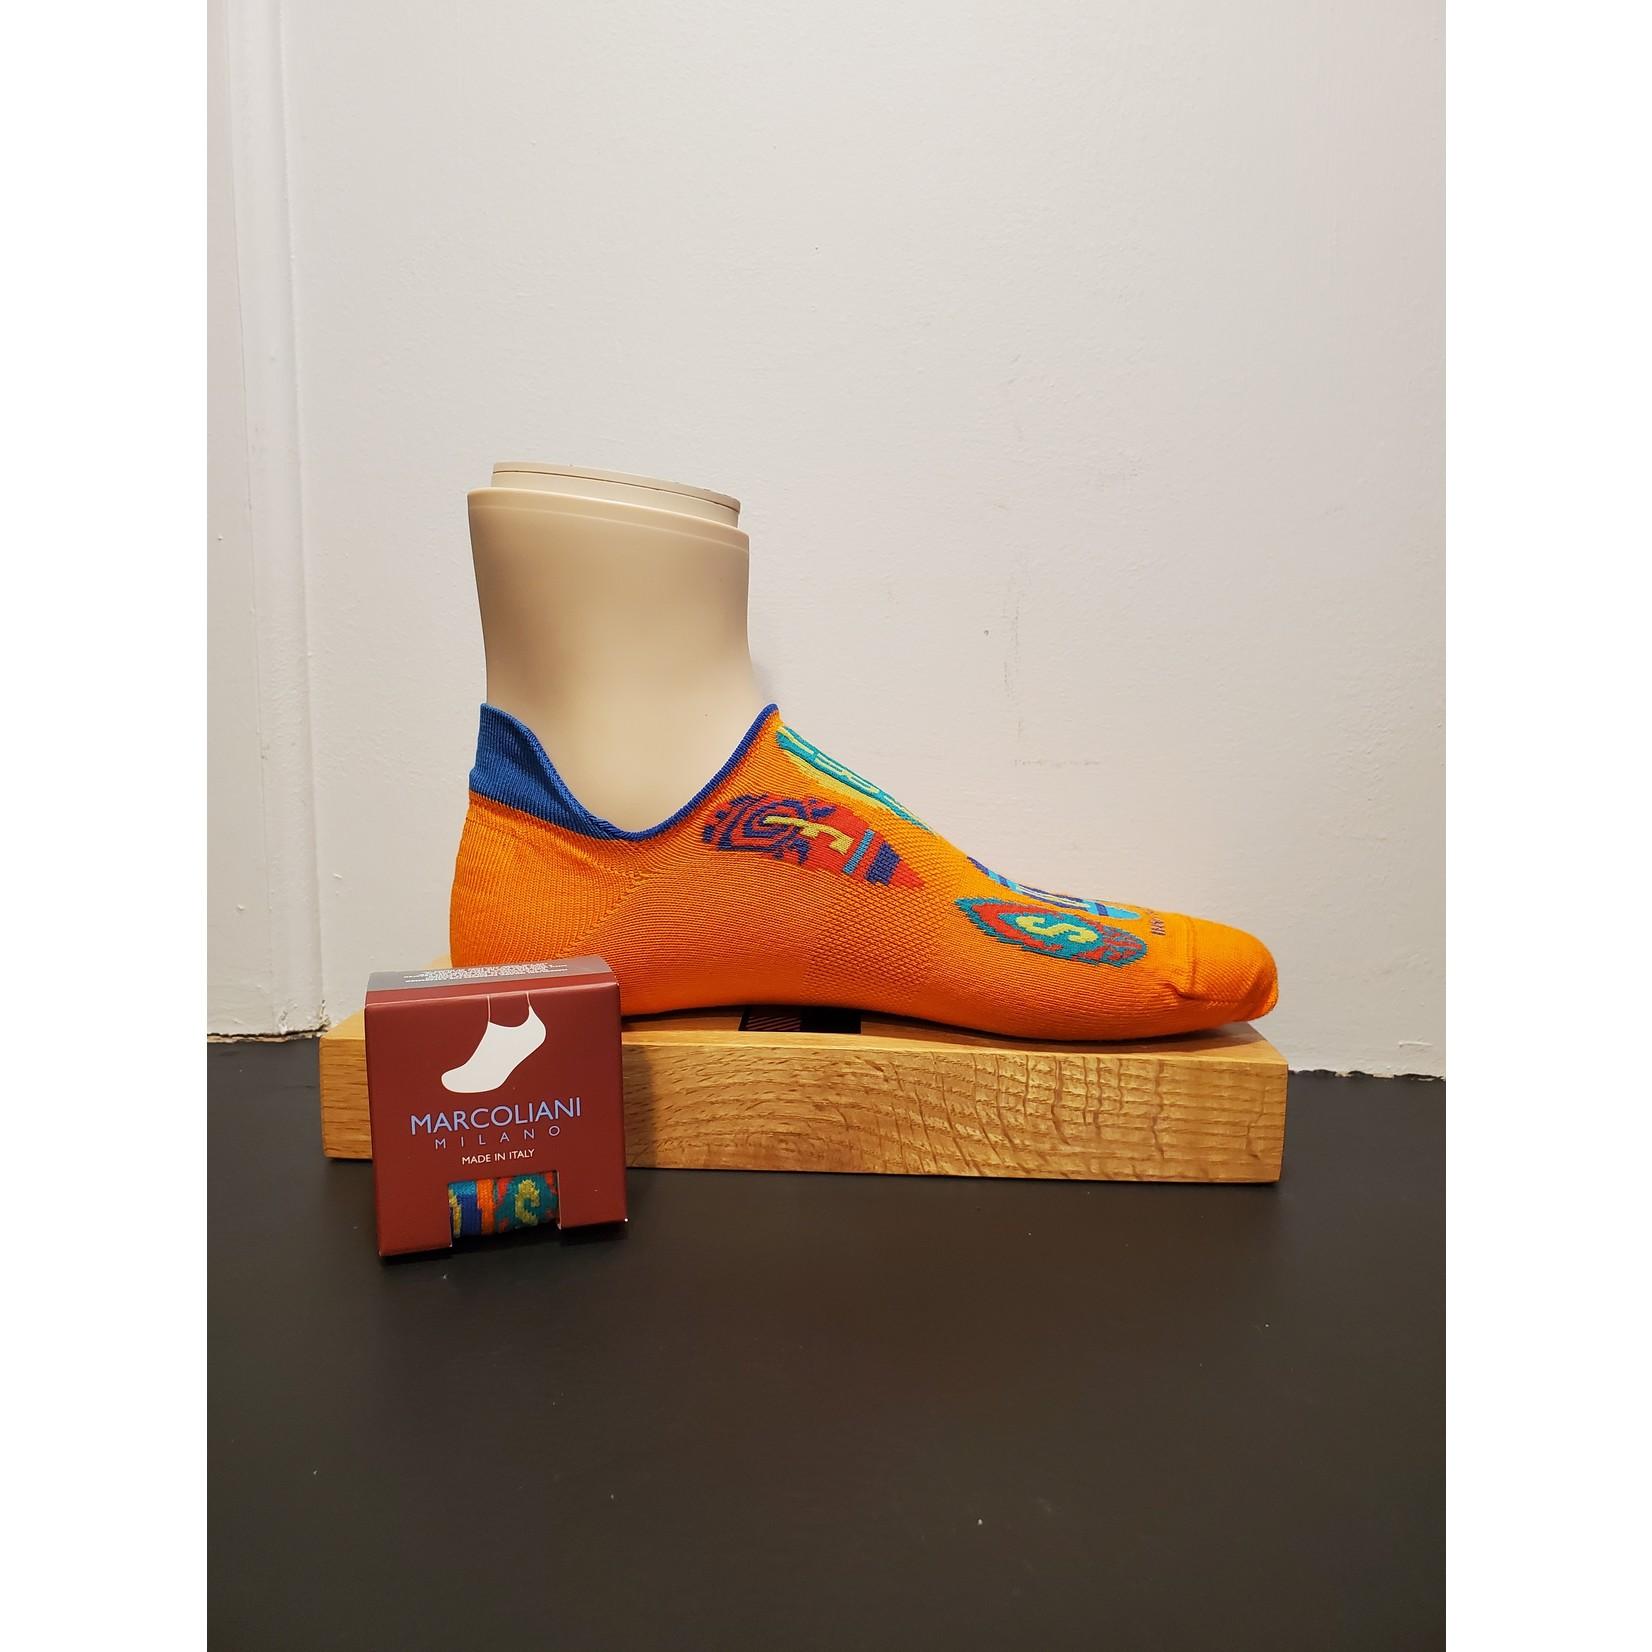 Marcoliani Marcoliani MAR4469K Invisible Touch Sneaker Socks